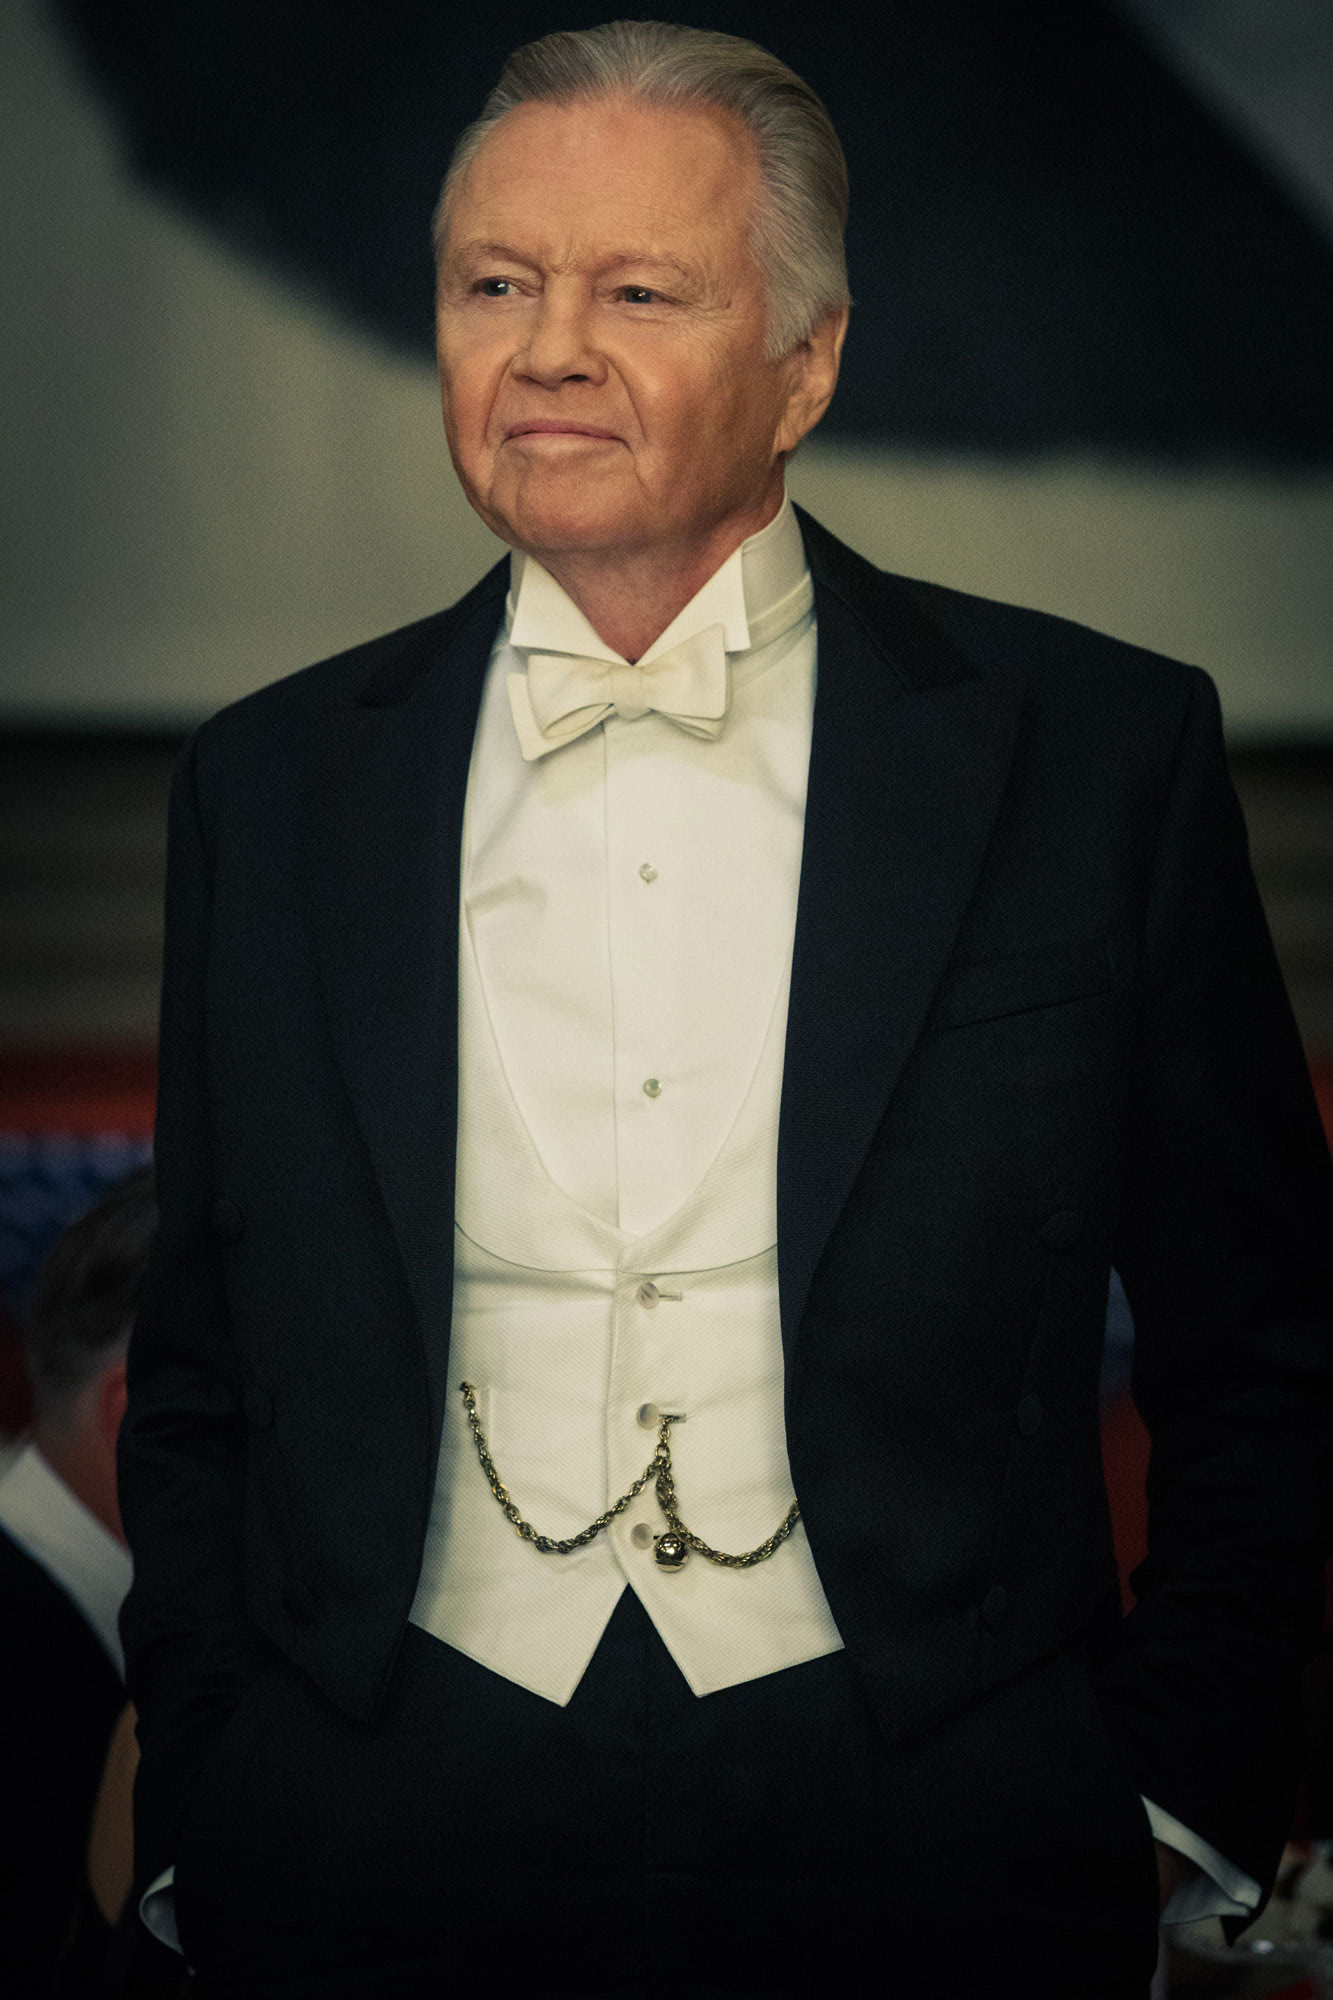 Henry Shaw Senior